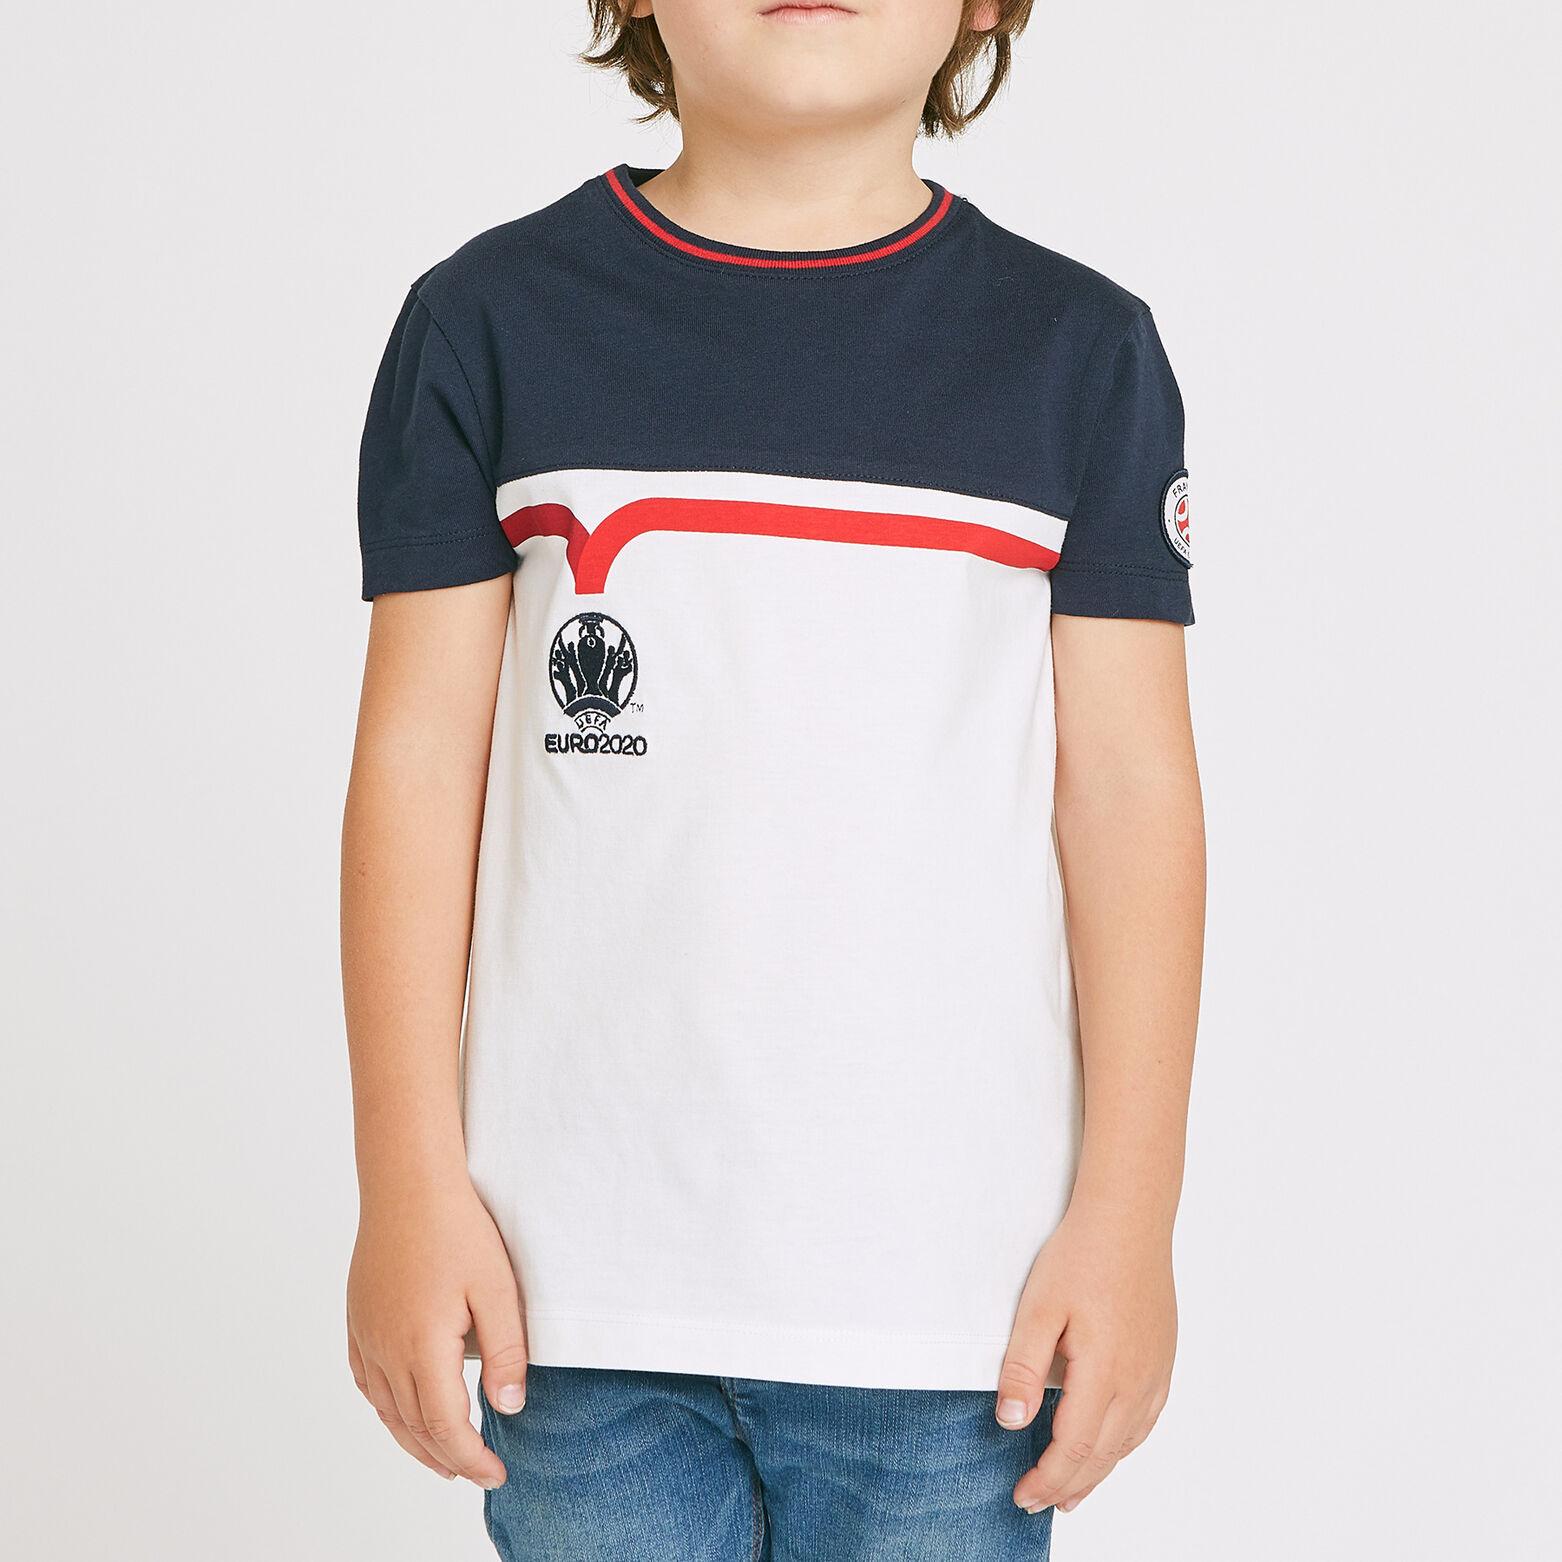 Tee-shirt junior- Produit sous licence officielle